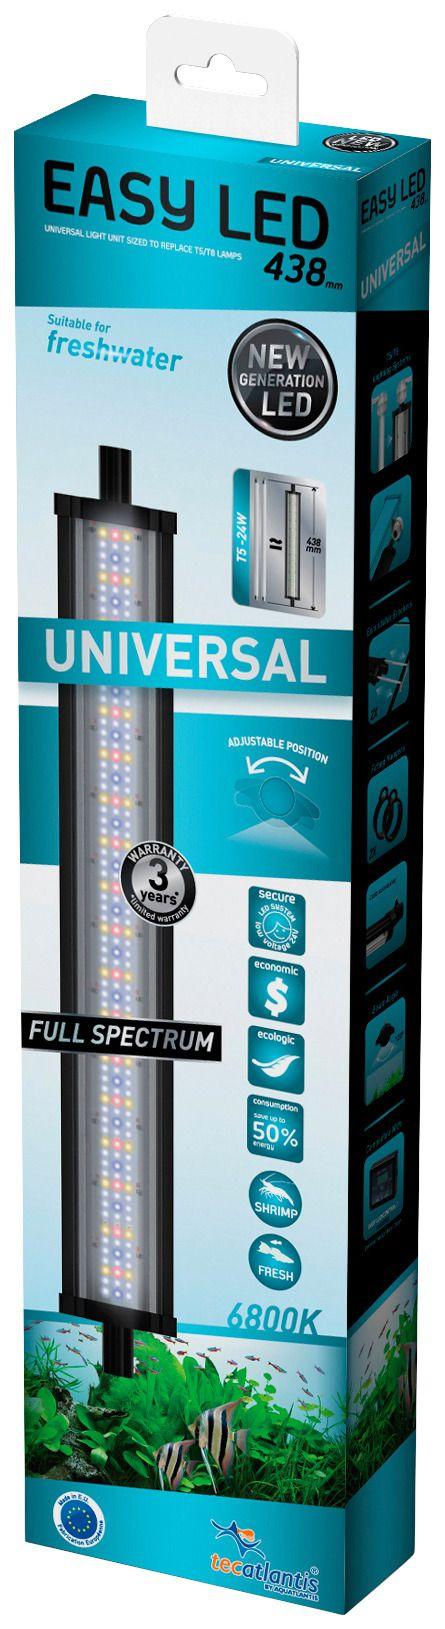 AQUATLANTIS LED-Beleuchtung »Easy LED Universal Süßwasser«